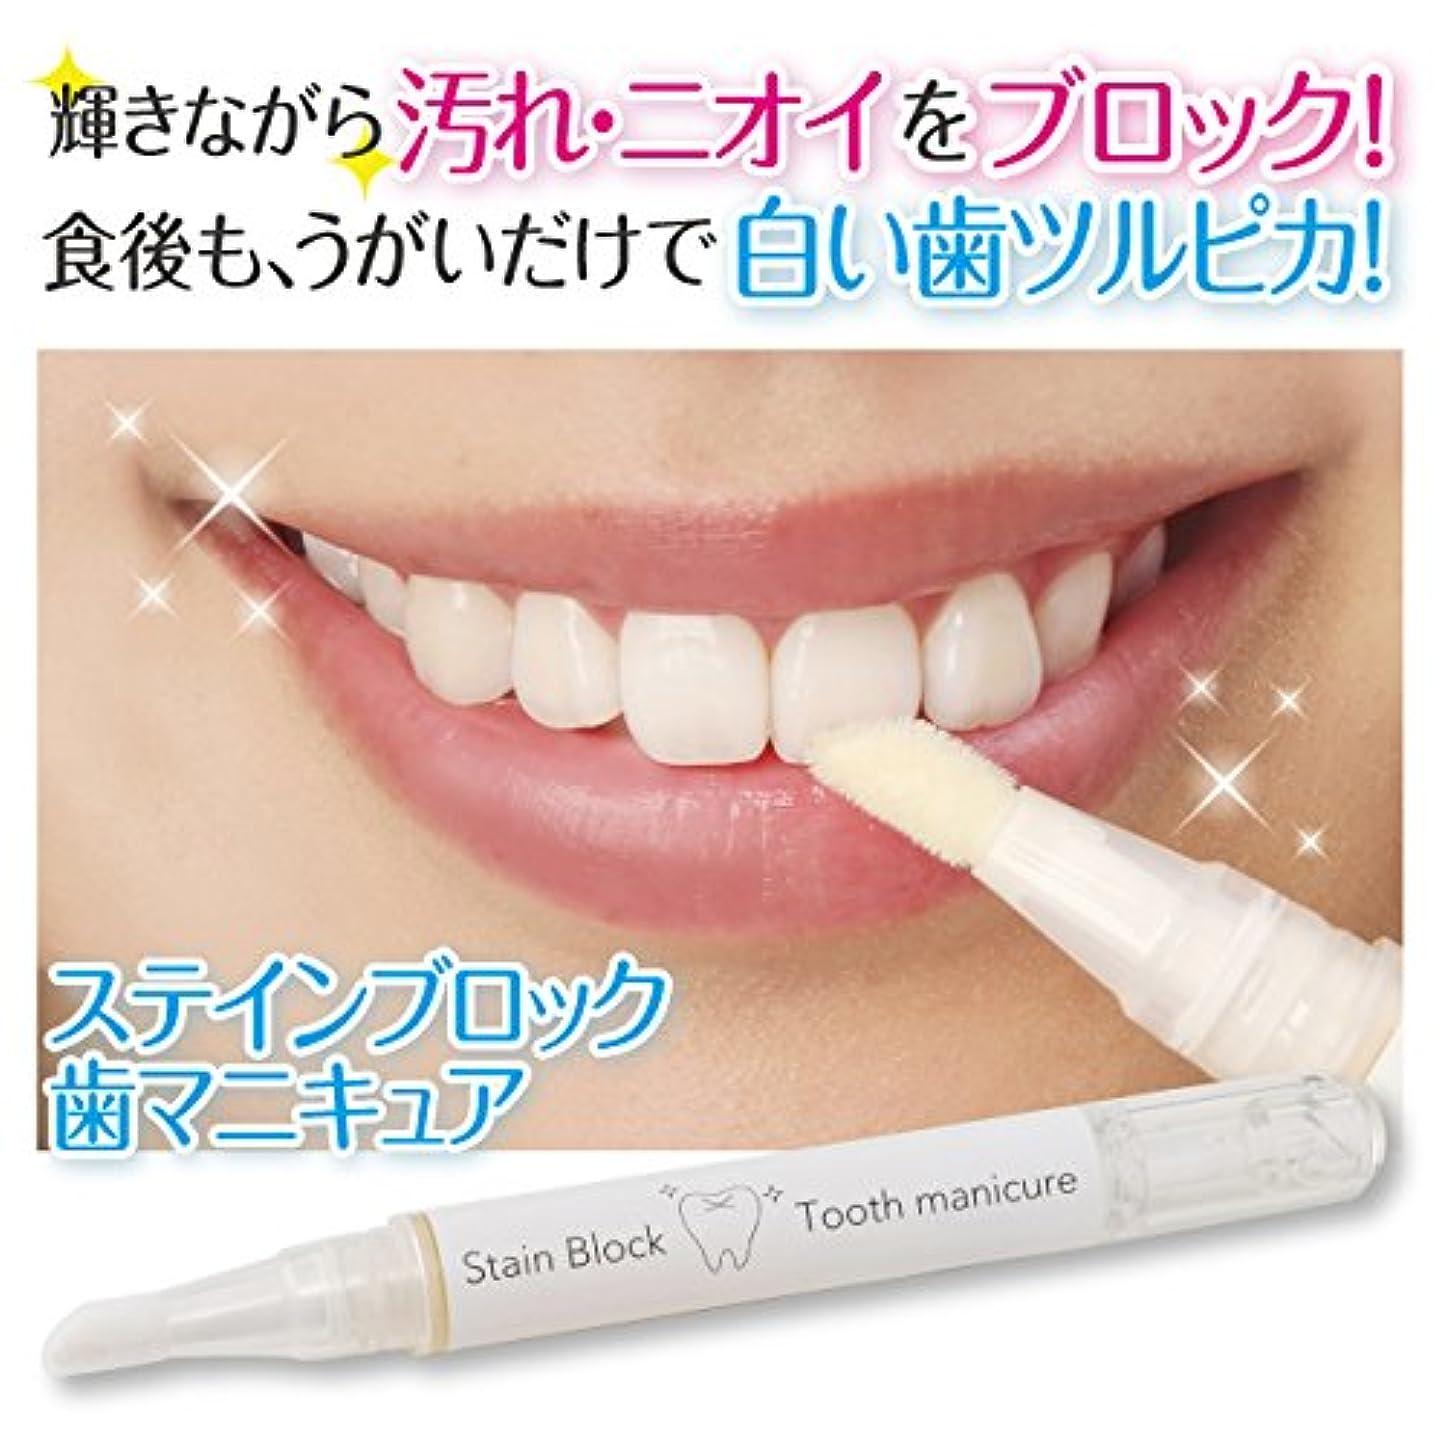 ポット多用途緩やかなステインブロック歯マニキュア